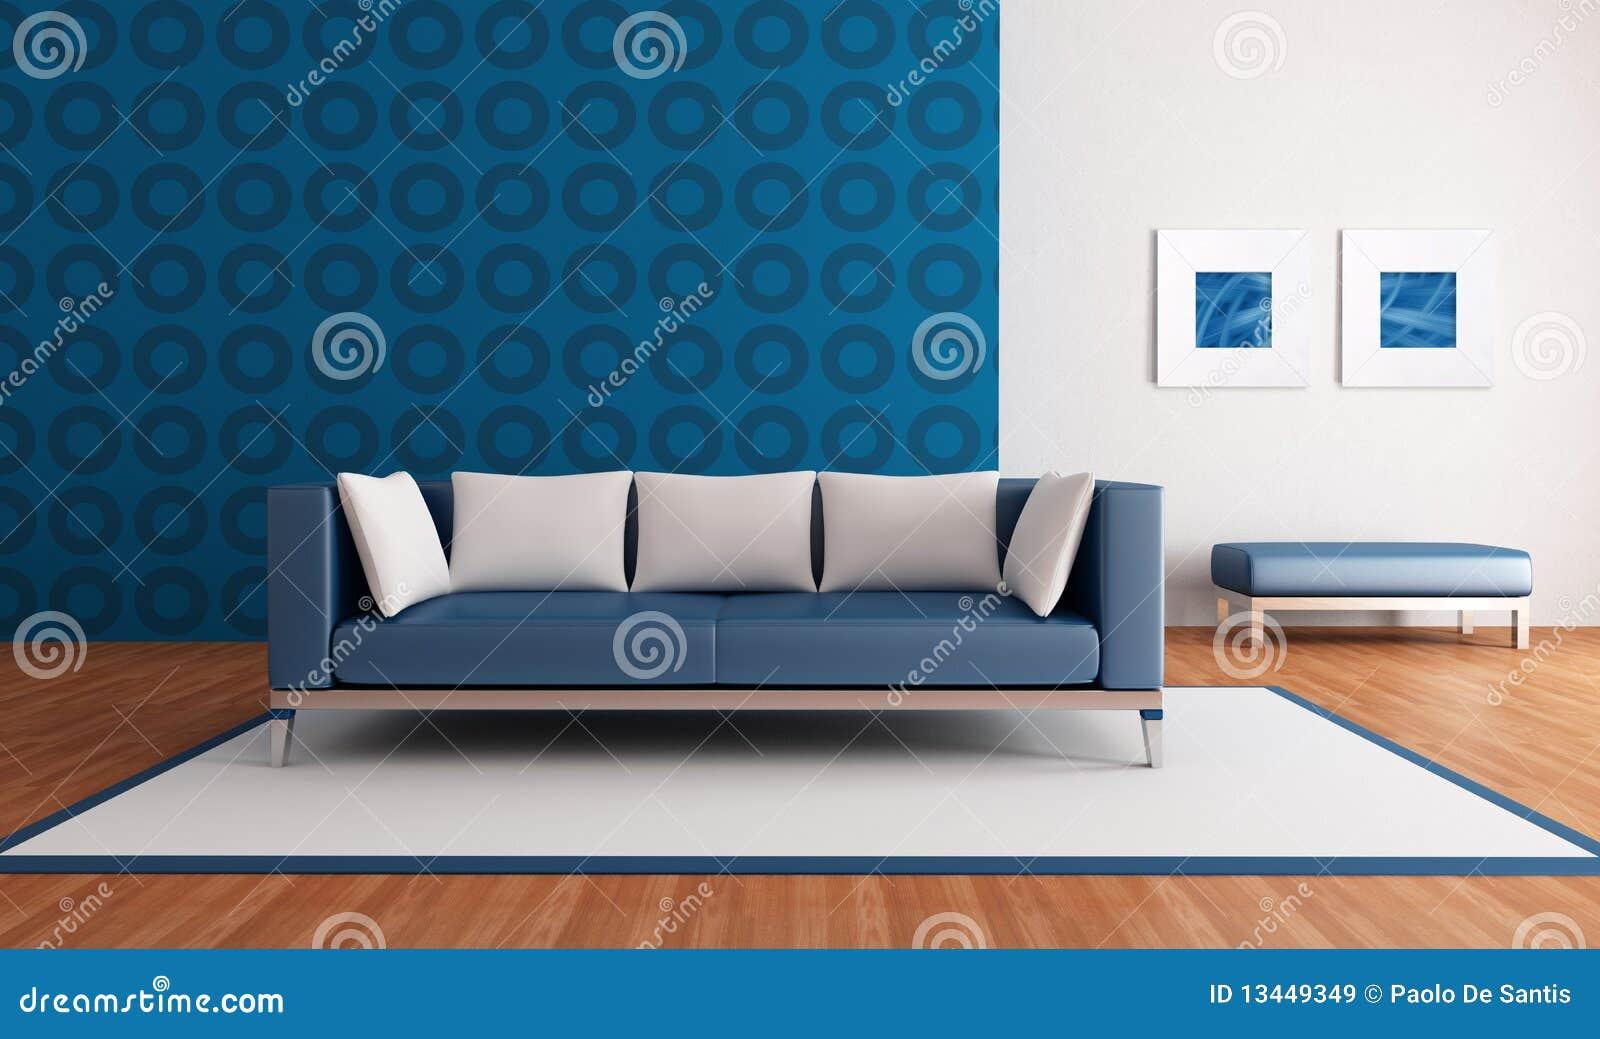 Azul Para Sala De Estar ~ Sala De Estar Azul Moderna Imagens de Stock Royalty Free  Imagem